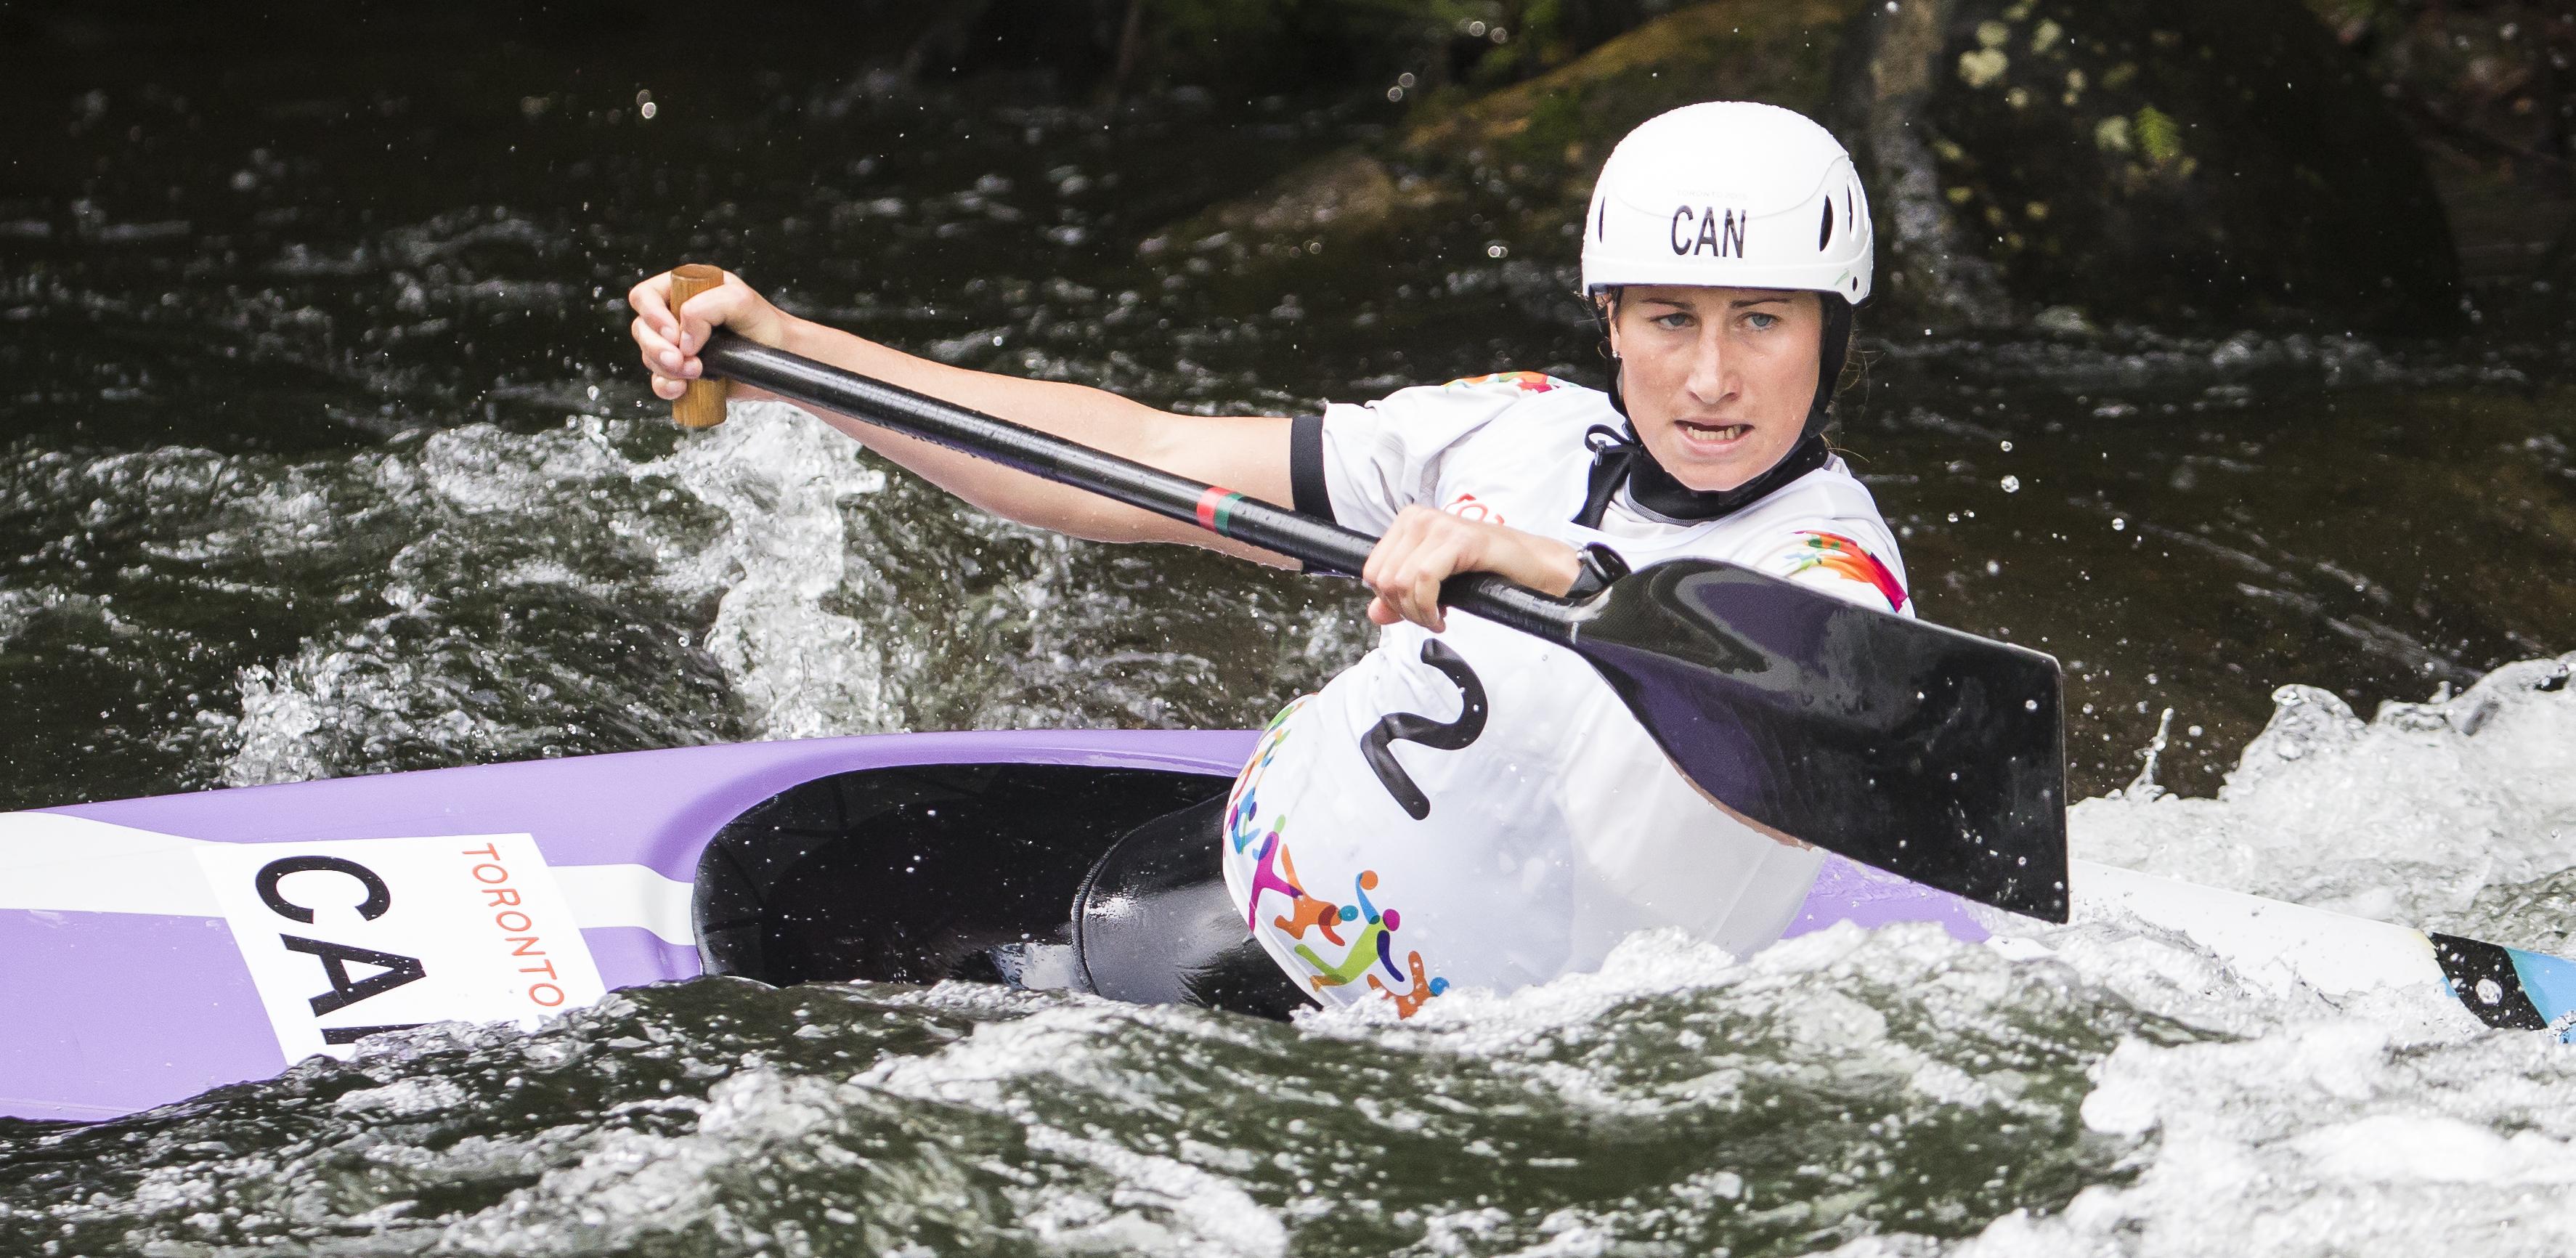 Haley Daniels pagaie dans l'épreuve de canoë-kayak slalom féminin au Jeux panaméricains à Minden, Ontario le 18 juillet 2015.